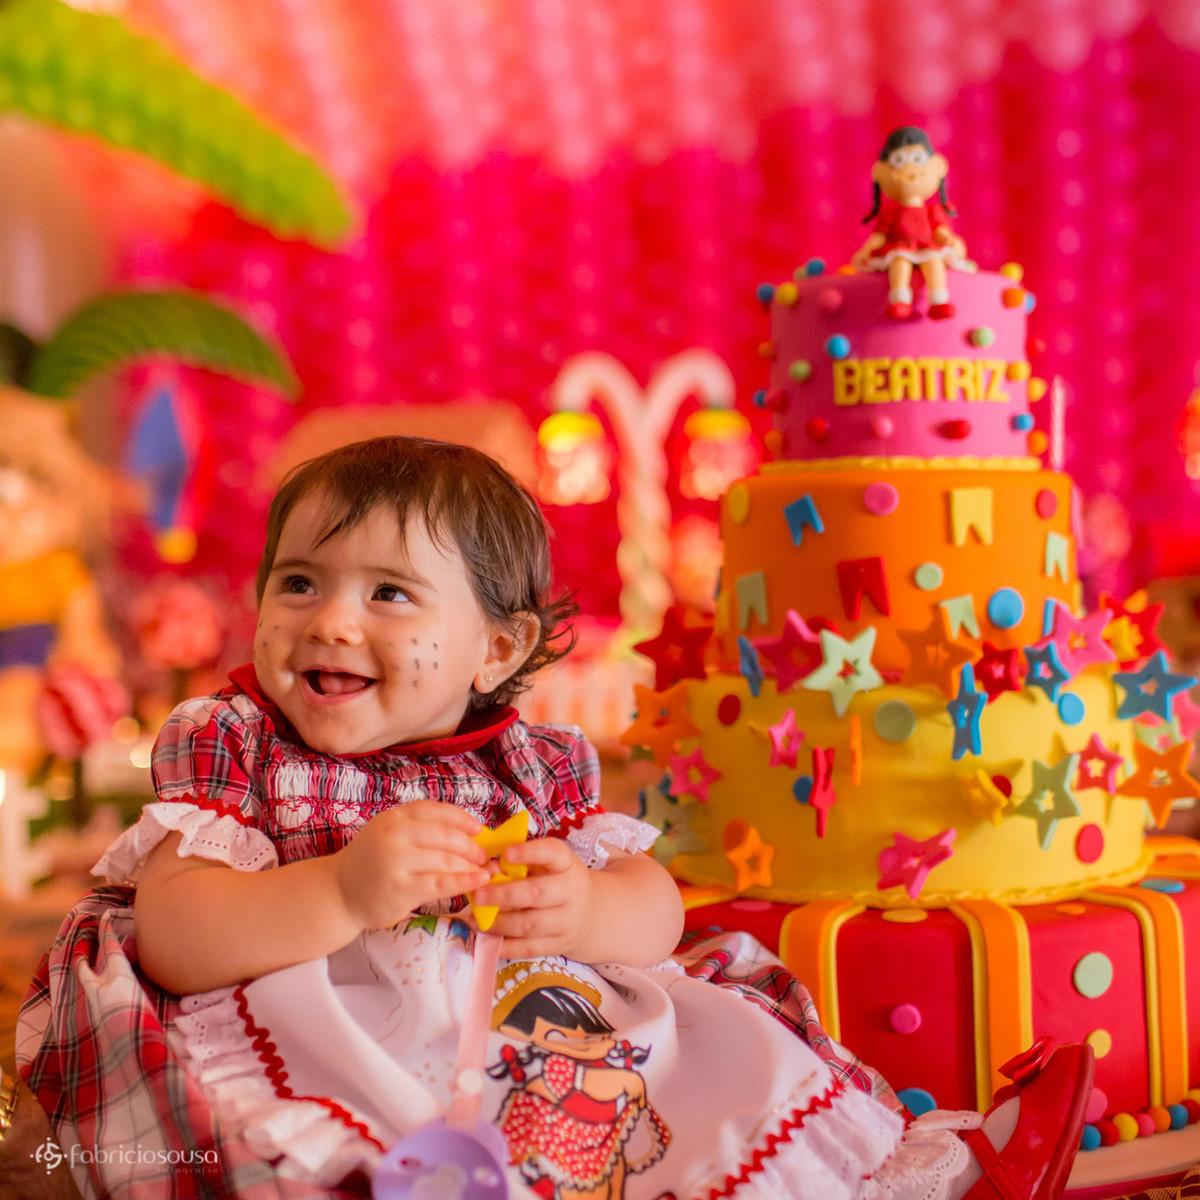 Beatriz de 1 ano ao lado do bolo de aniversário de 4 andares